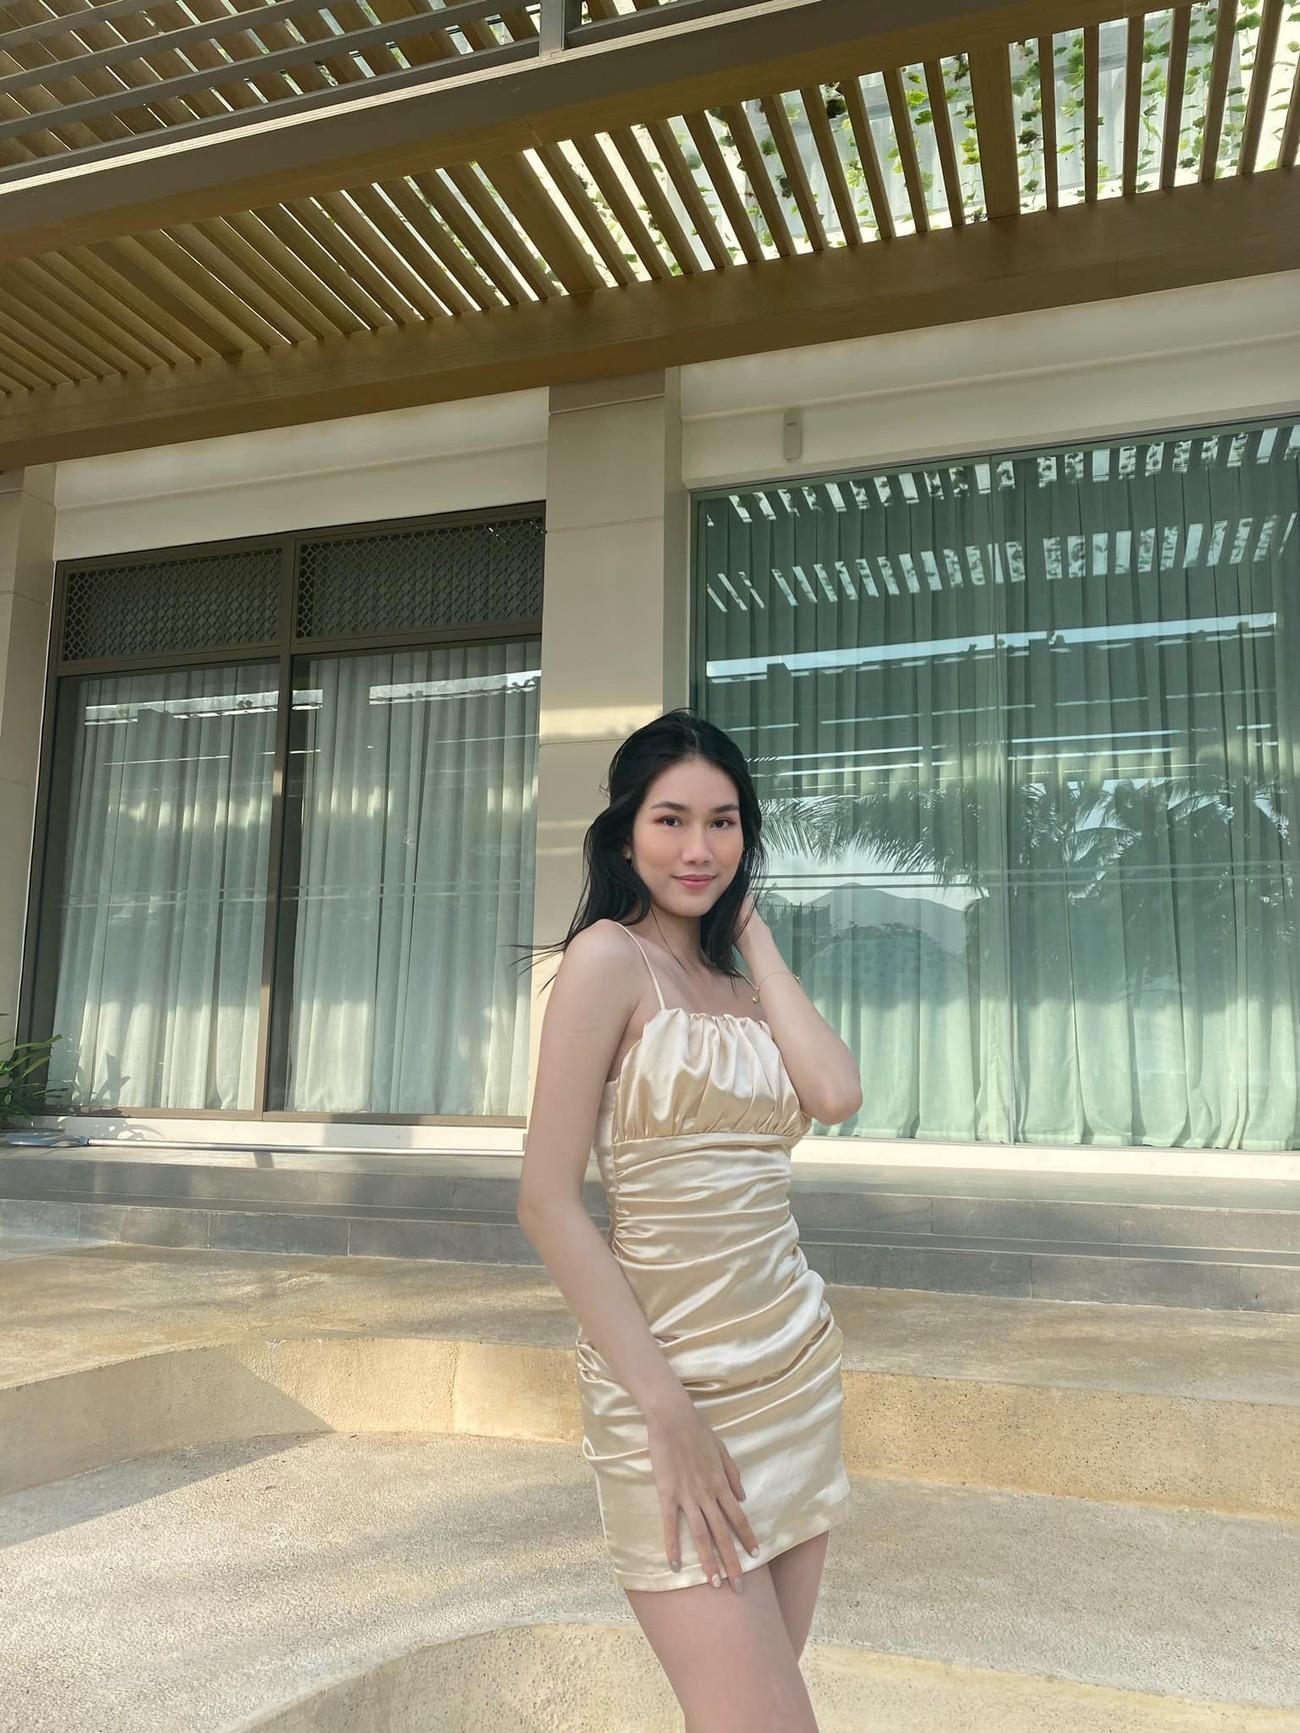 Hoa hậu Đỗ Thị Hà đội vương miện lộng lẫy dự sự kiện, H'Hen Niê hoá công chúa Disney ảnh 8